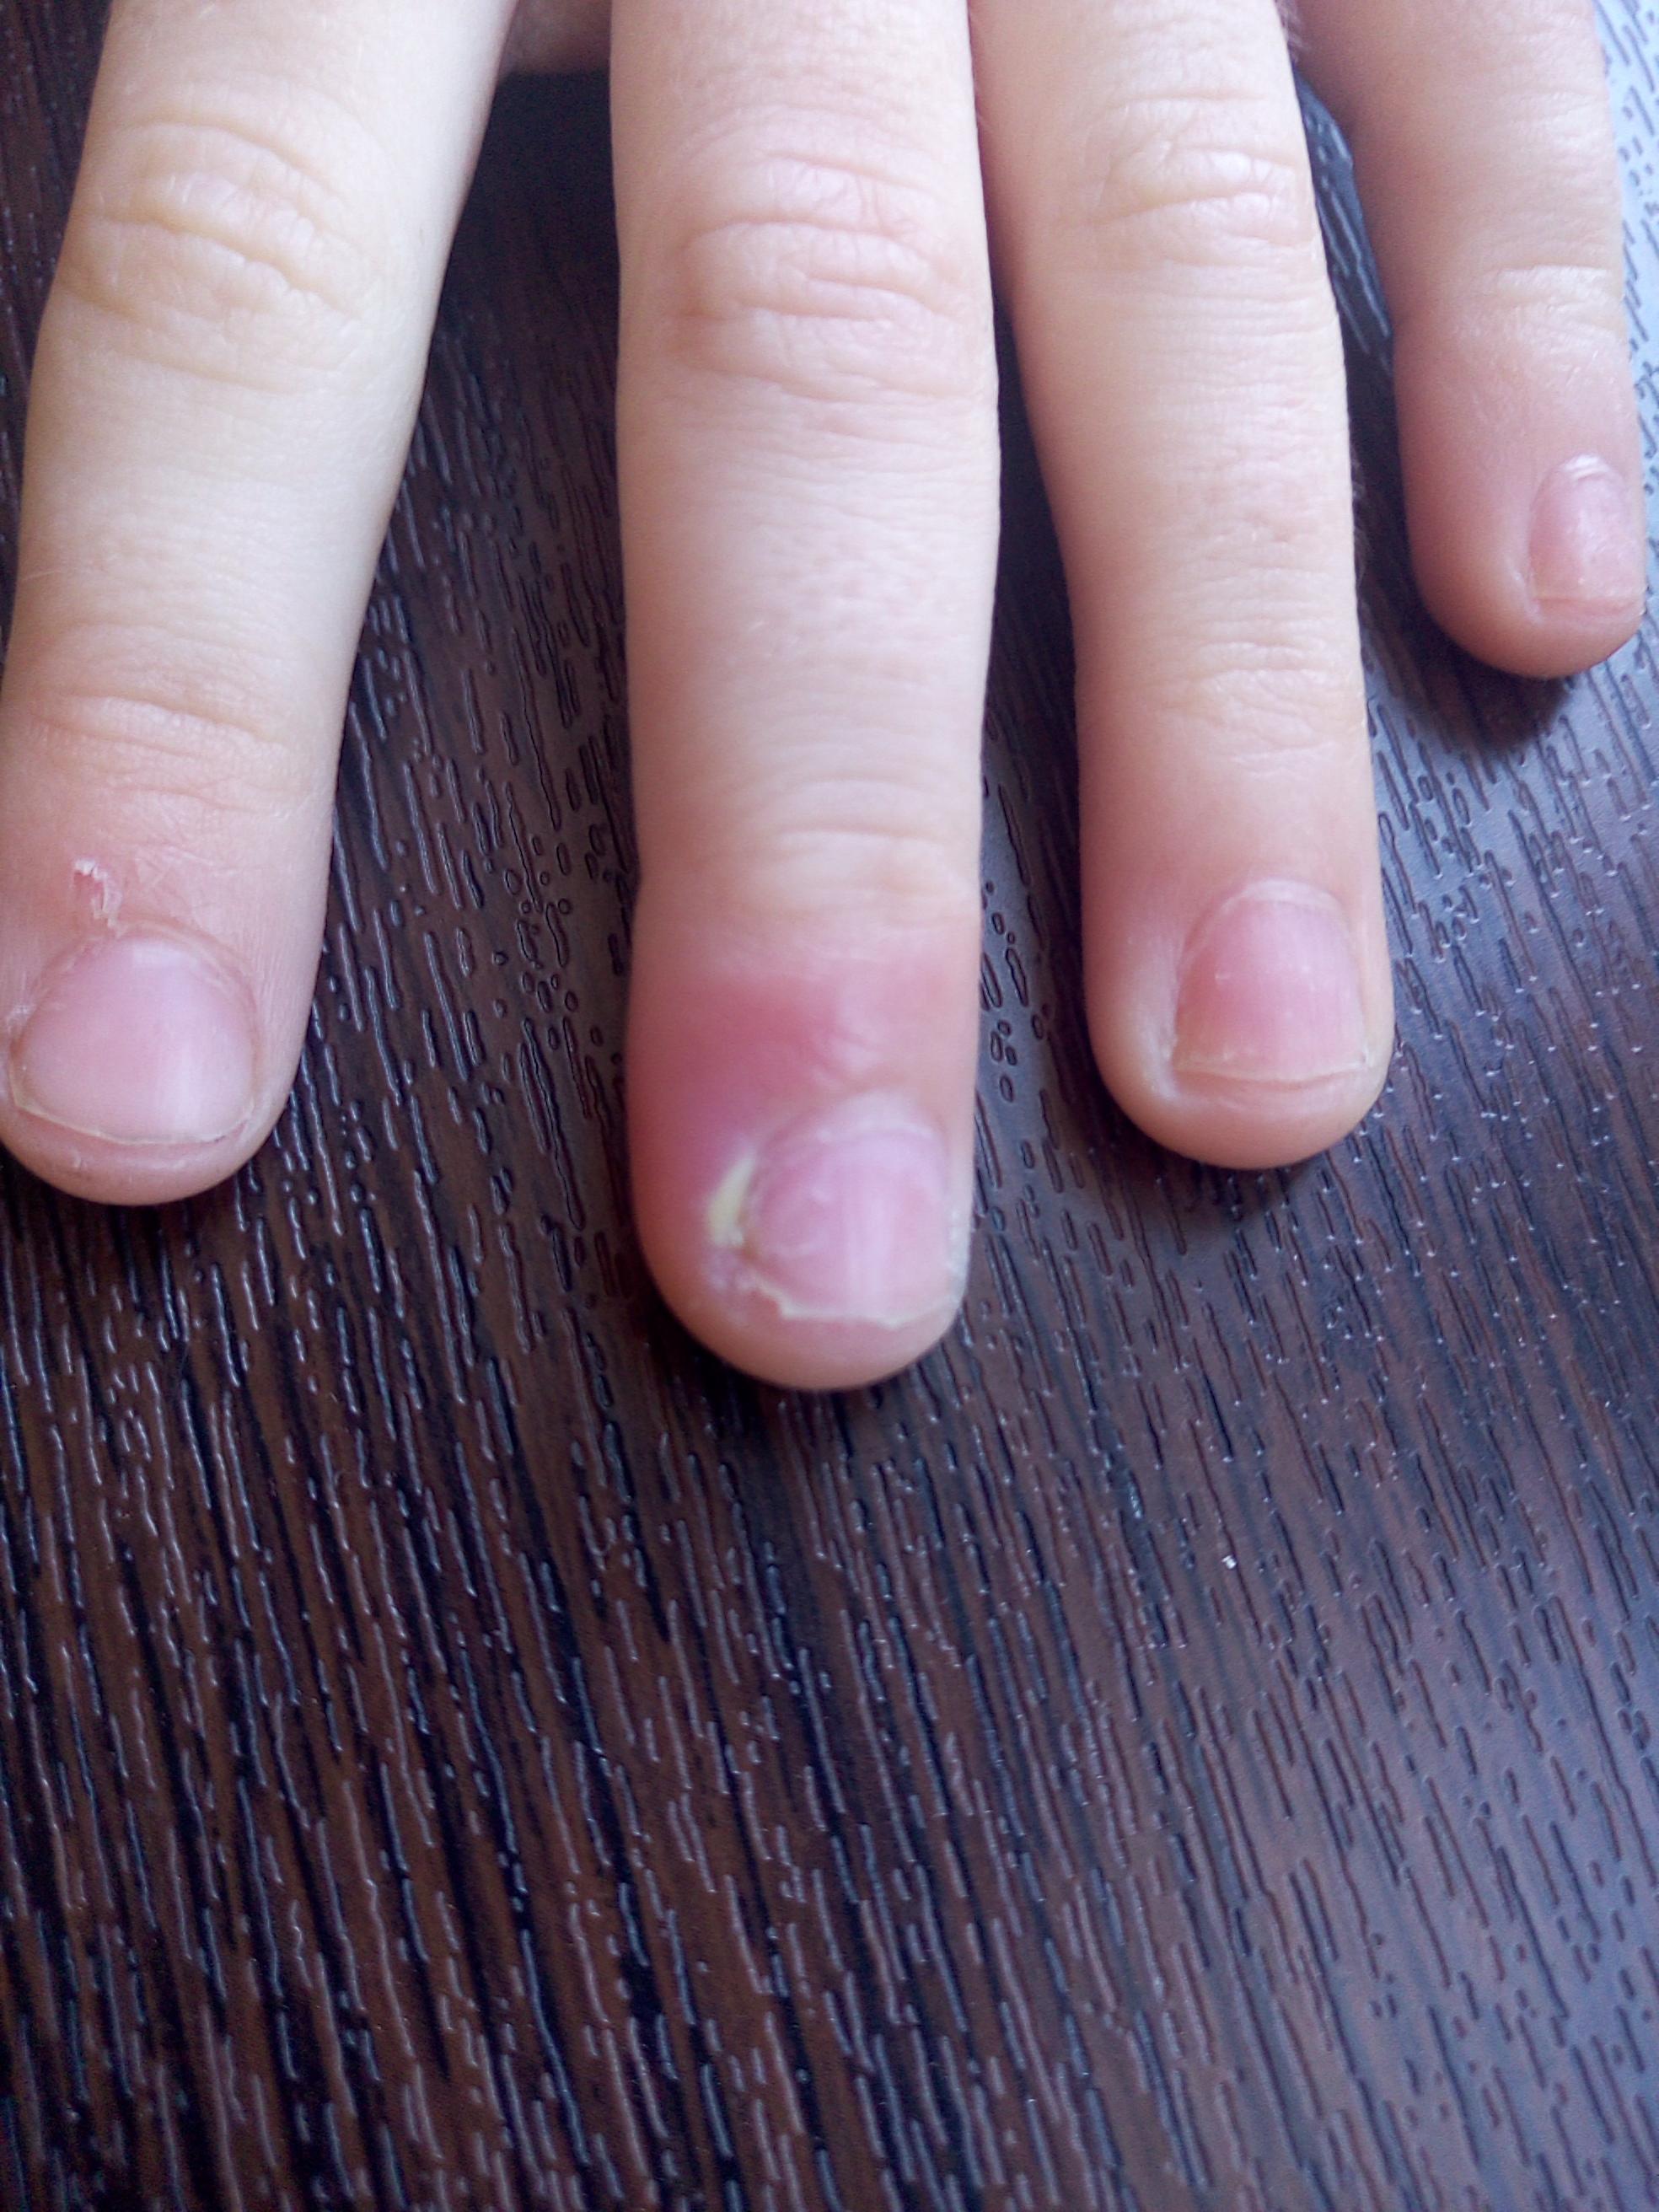 Нарыв на пальце: как лечить в домашних условиях